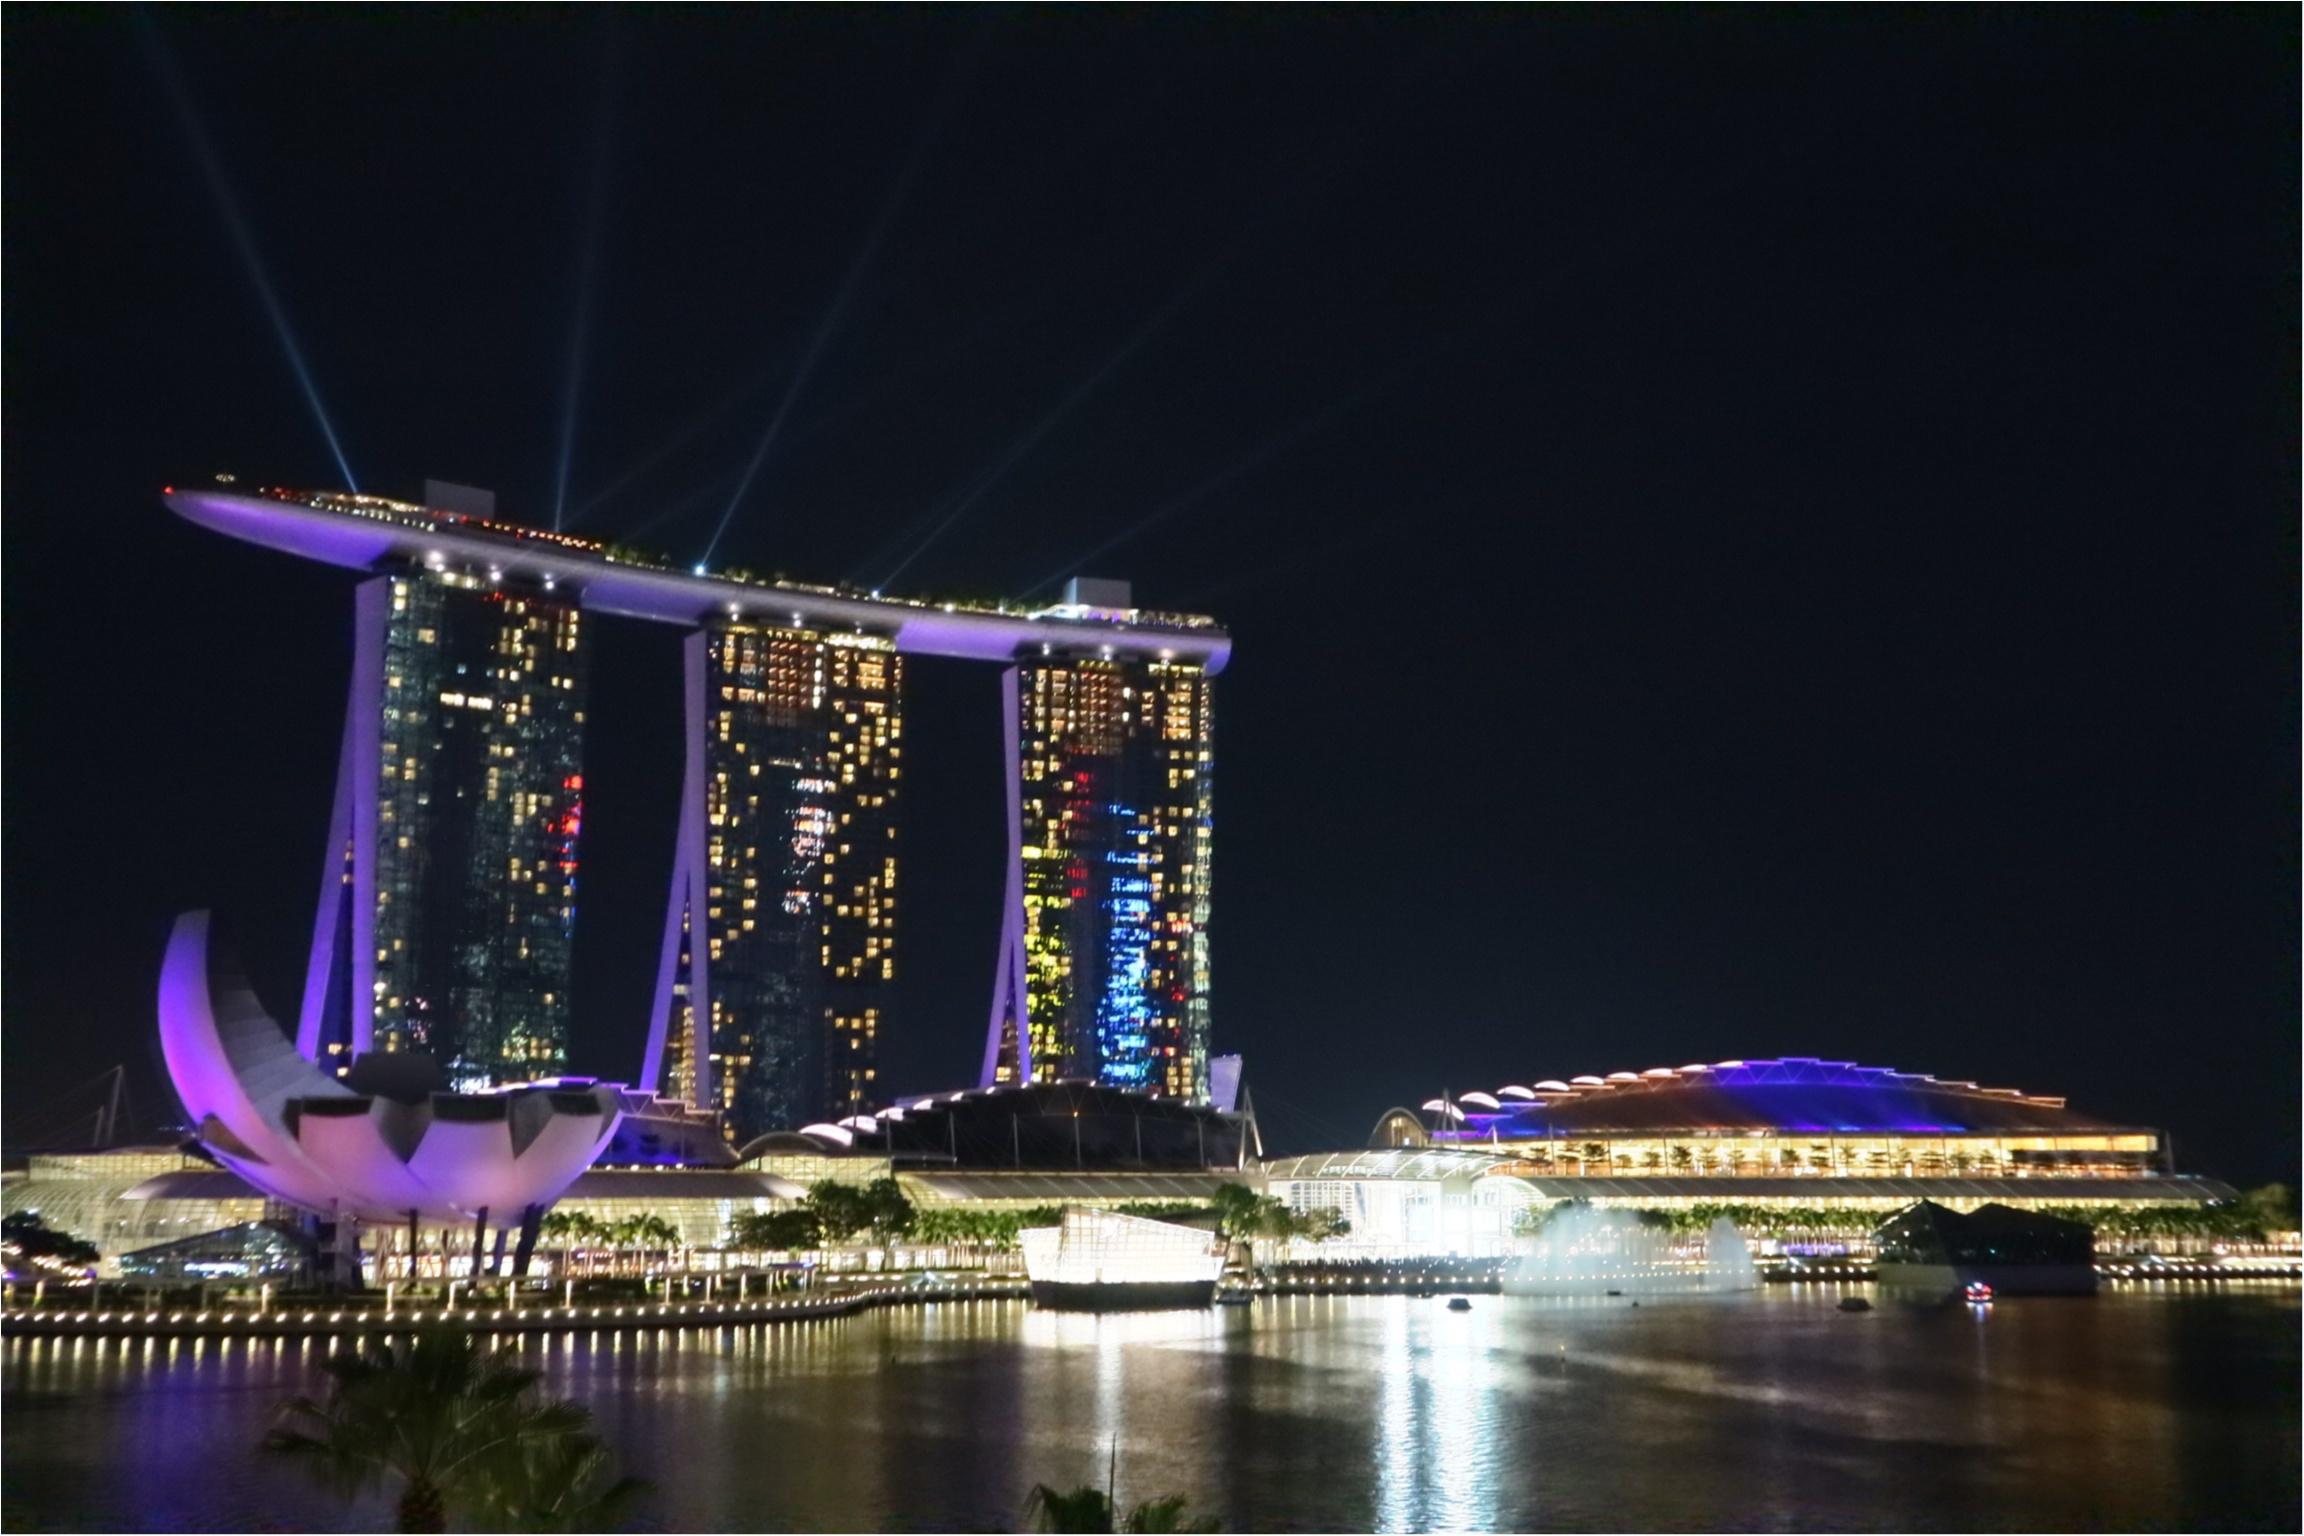 最高の女子旅ならここ。欲張り女子の望みを全部叶えてくれるシンガポール♡絶対食べたい!グルメ編☻_1